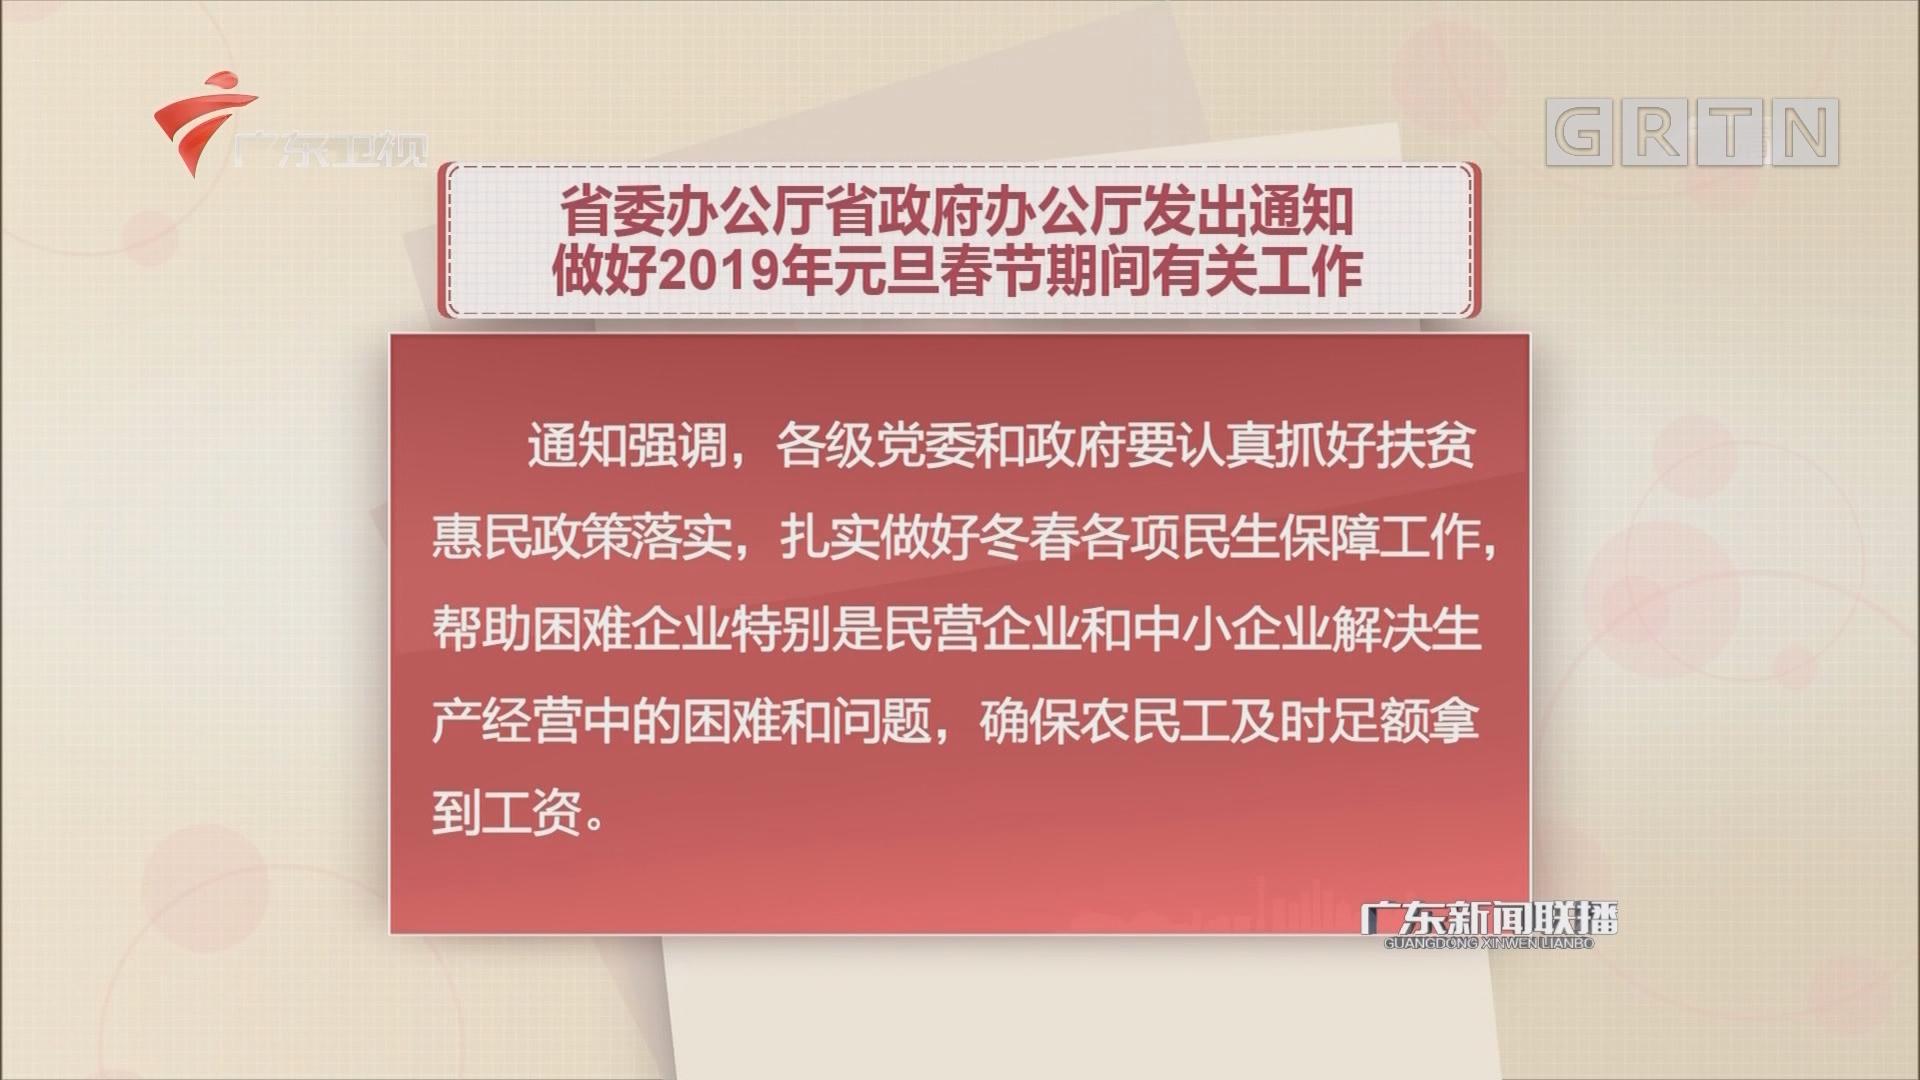 省委办公厅省政府办公厅发出通知做好2019年元旦春节期间有关工作